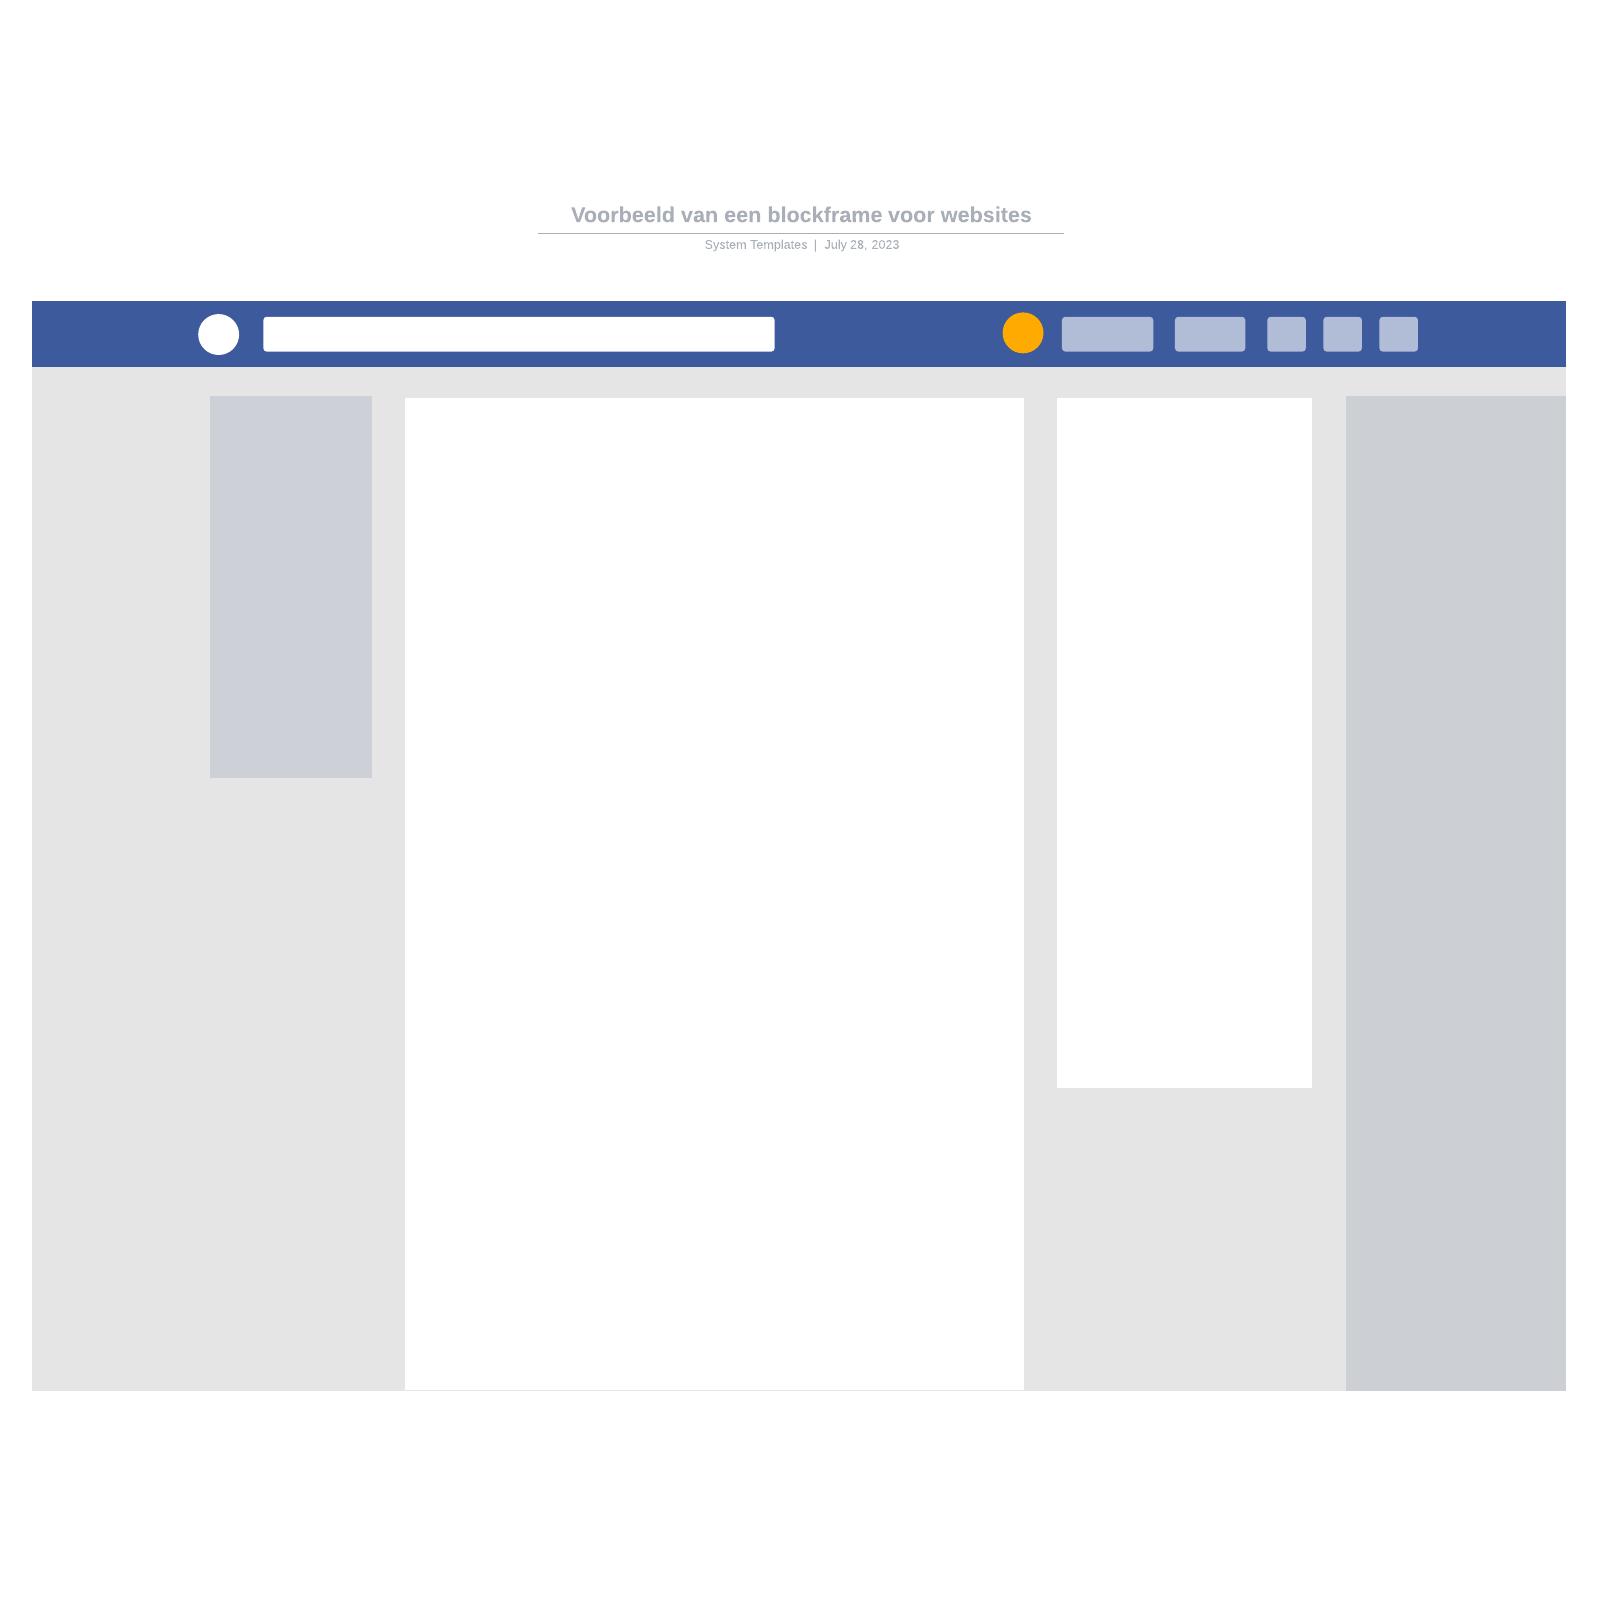 Voorbeeld van een blockframe voor websites